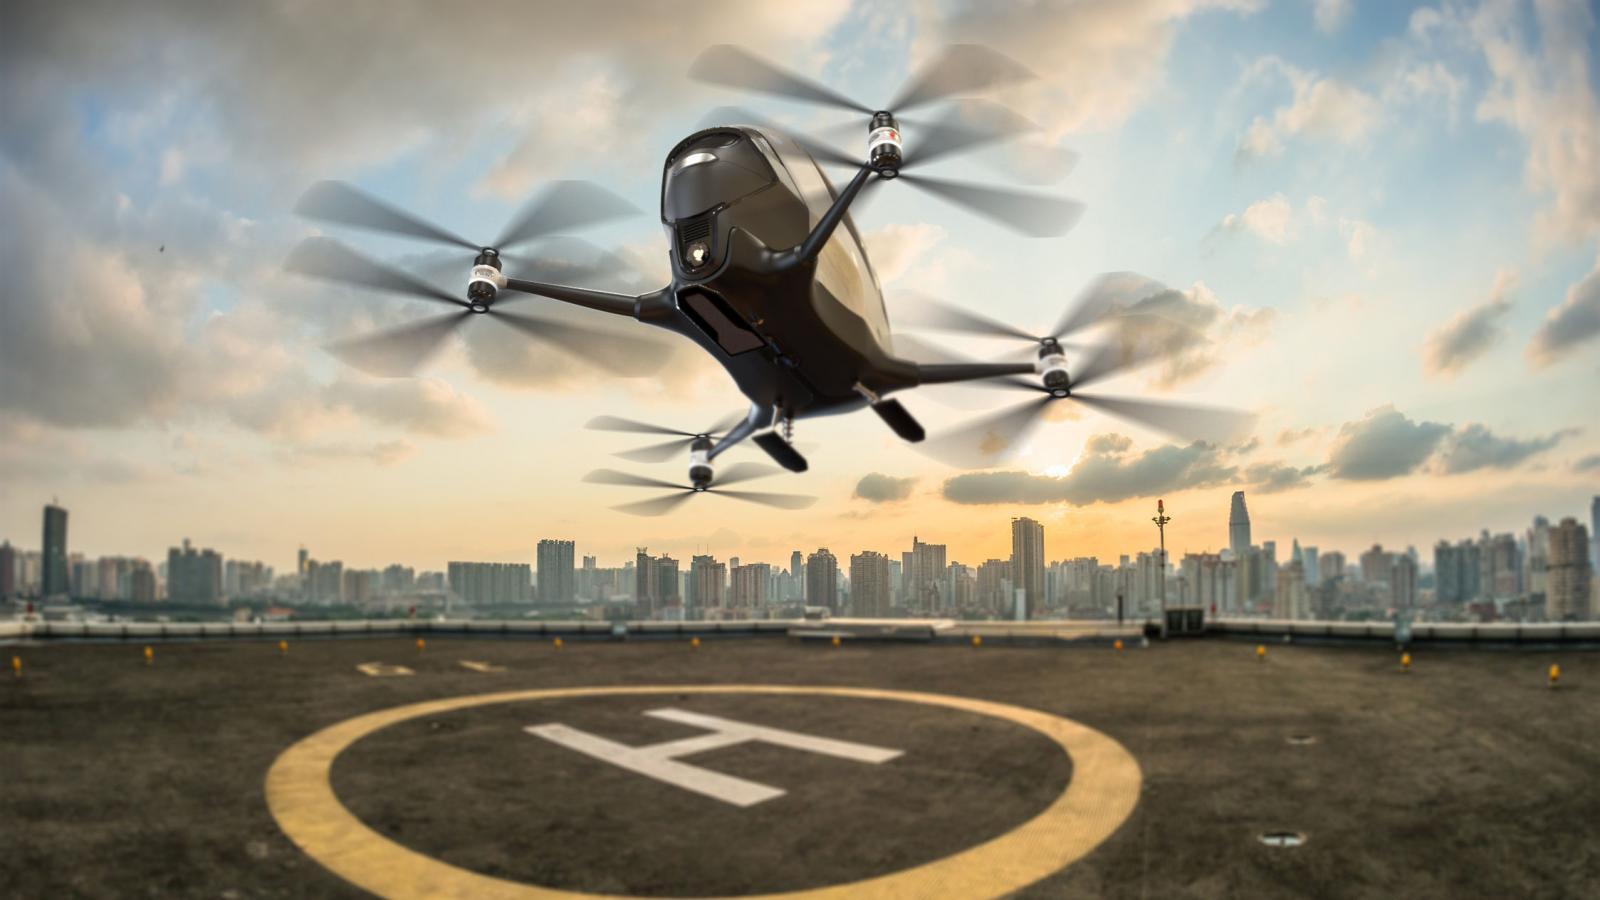 Компания «Промсервис» победила в конкурсе ФПИ с проектом аппарата вертикального взлета